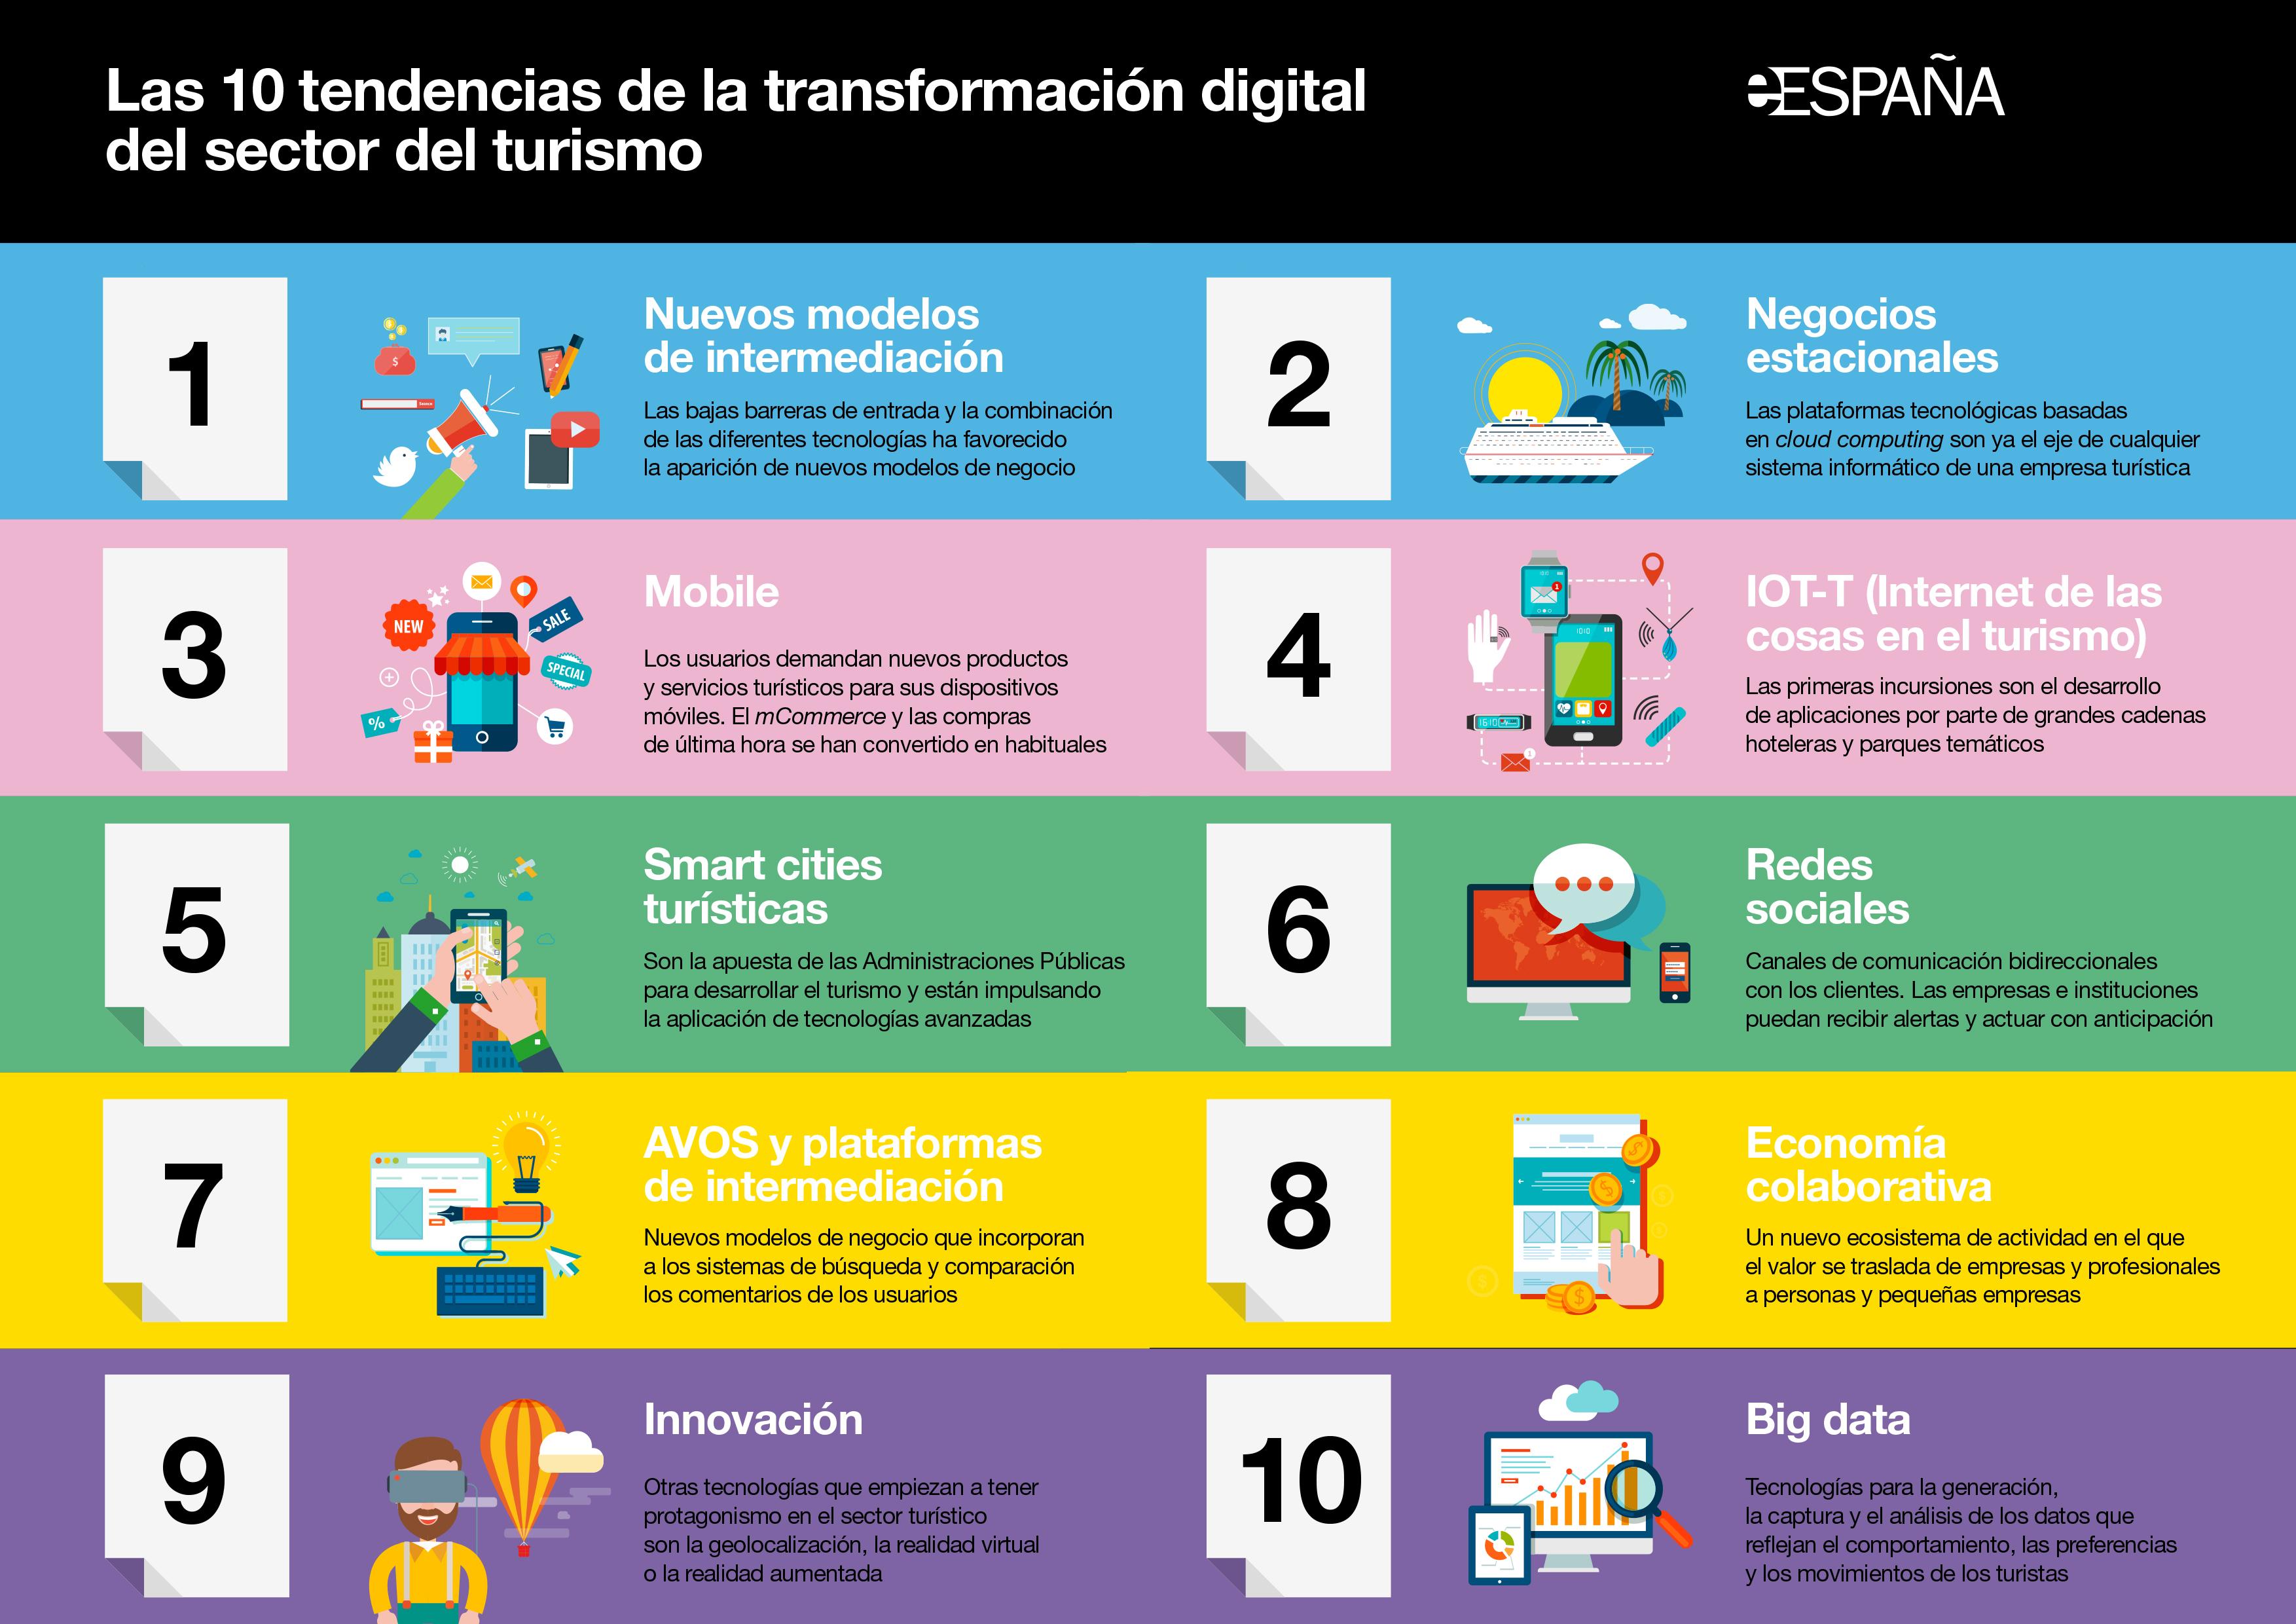 10 tendencias de la transformaci n digital del sector tur stico infografia tourism tics y - Verti es oficina internet ...